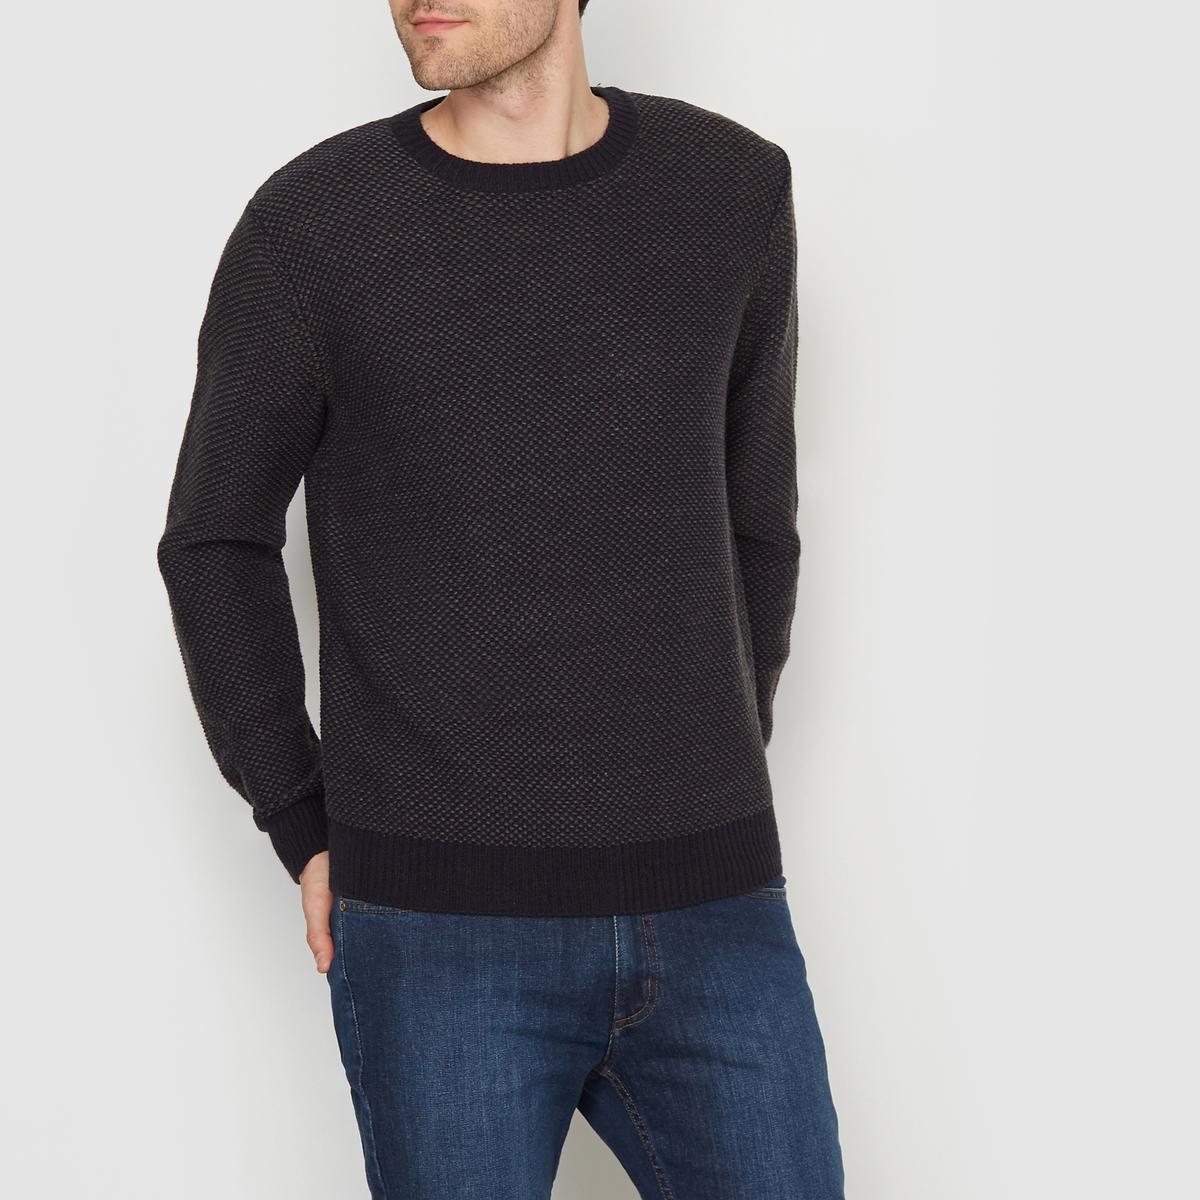 Пуловер с круглым вырезом и точечным рисункомПуловер прямого покроя с длинными рукавами и круглым вырезом. Двухцветный точечный рисунок. Края низа и манжет связаны однотонной трикотажной резинкой.Состав и описание  :Материал : 100% акрилМарка : R edition.<br><br>Цвет: темно-синий/ серый<br>Размер: XL